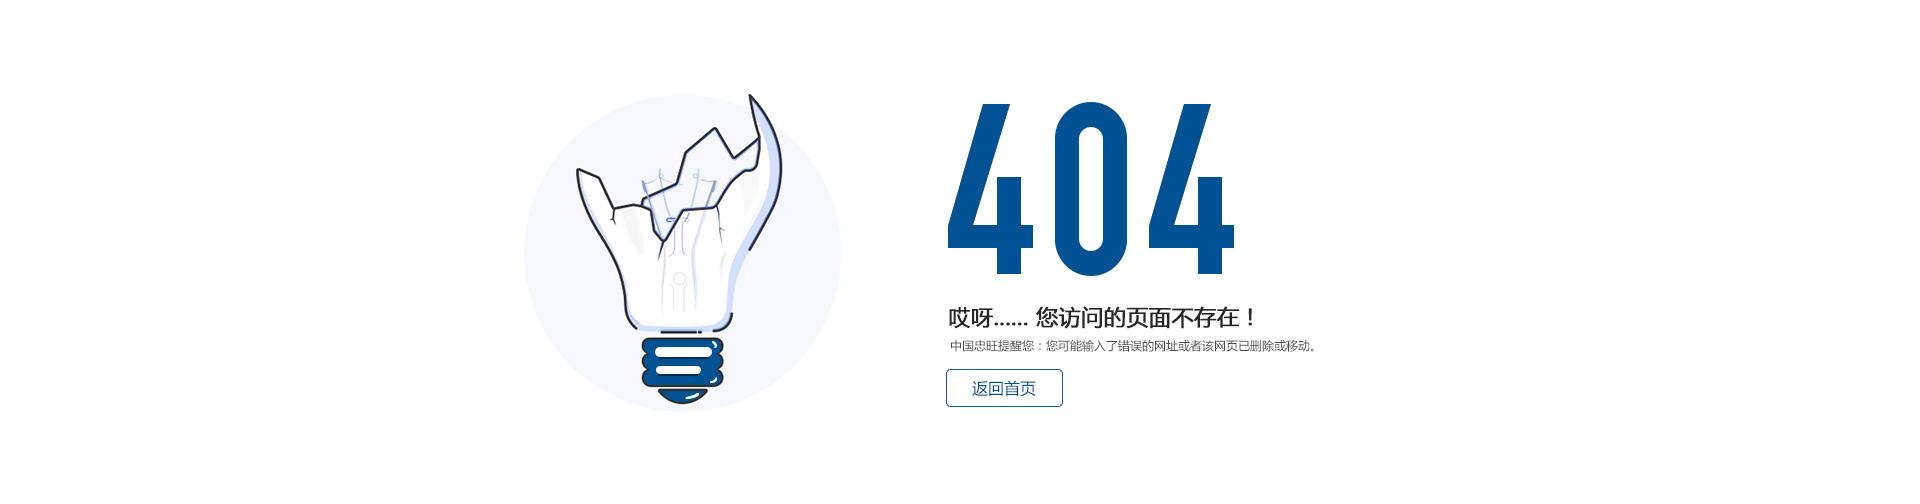 「2018『金翼獎』最佳投資者回報港股通公司」